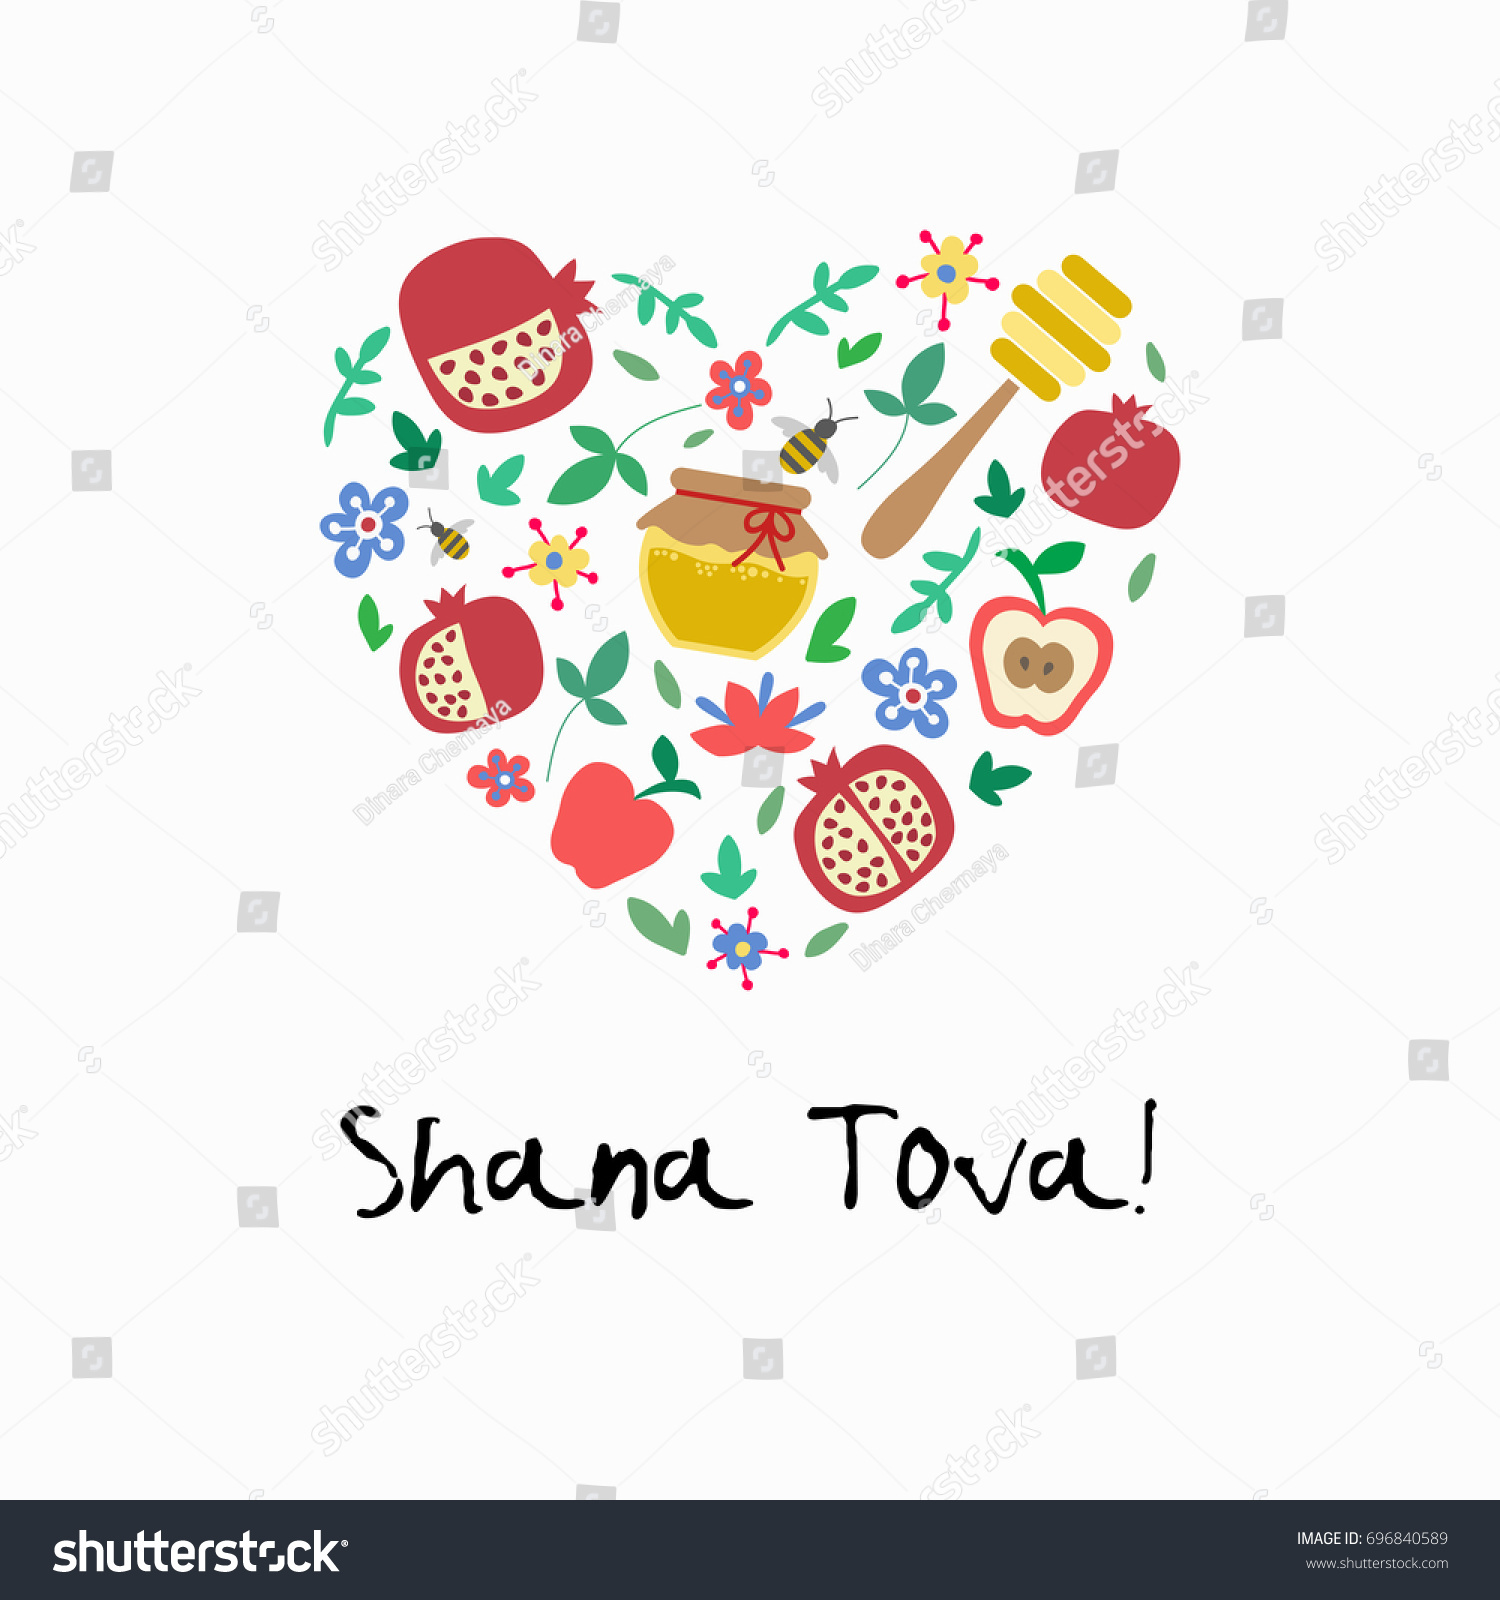 Shana Tova Happy New Year On Stock Vector Royalty Free 696840589